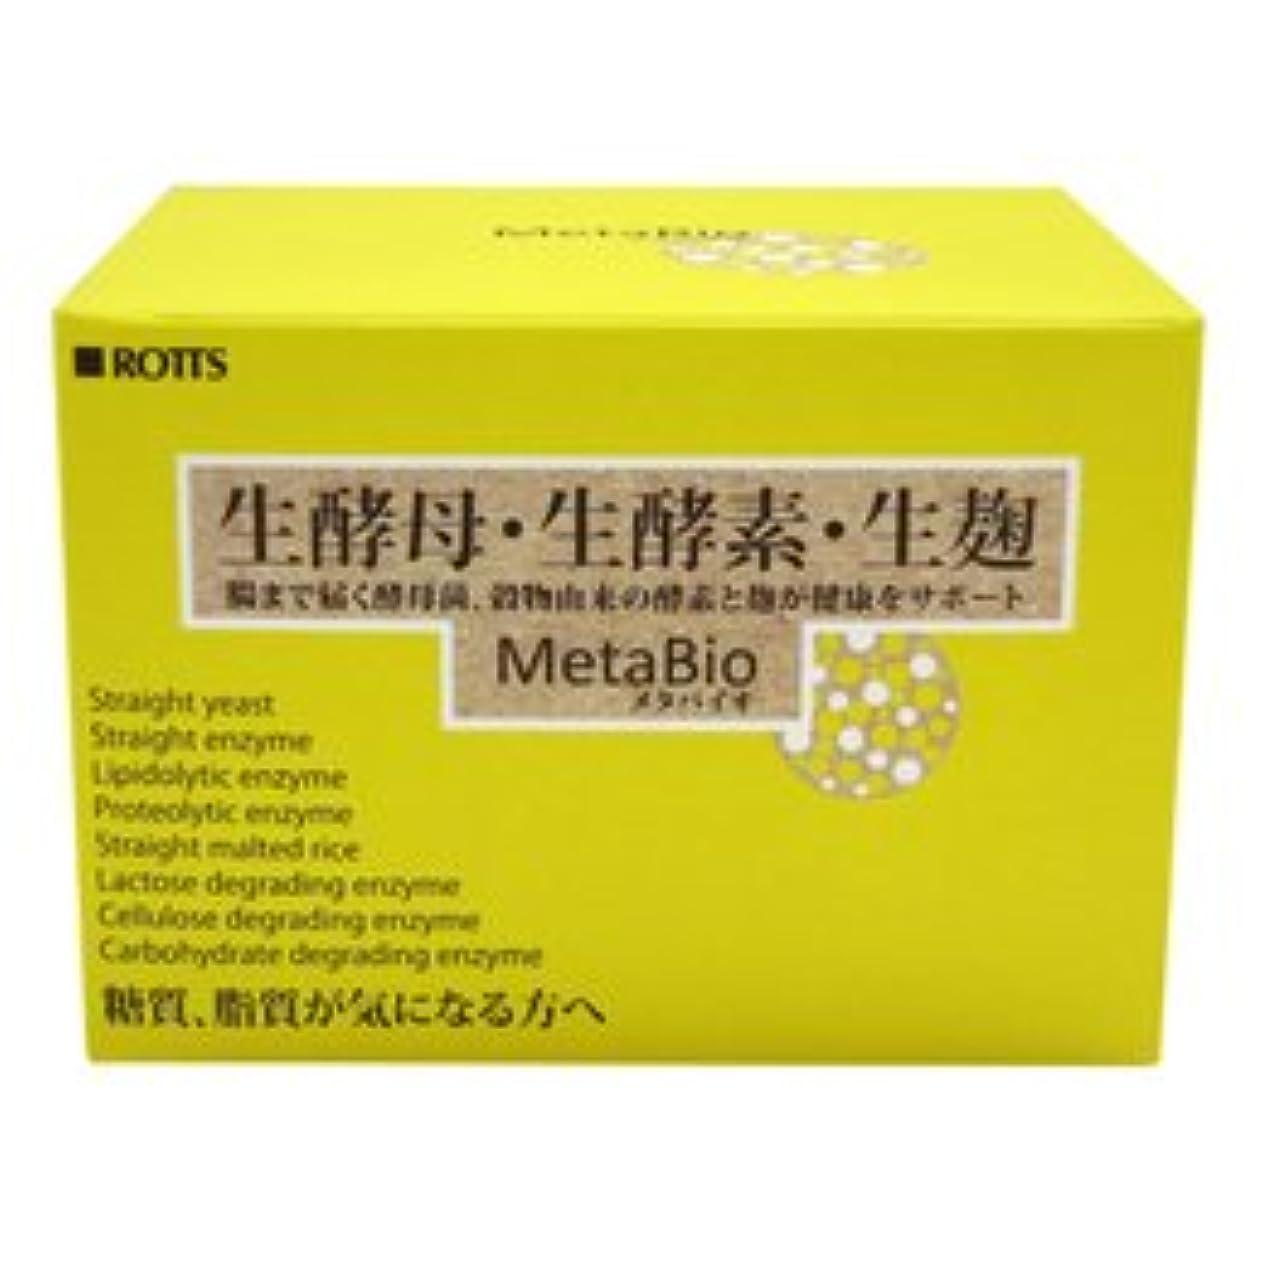 バケツ貯水池宇宙MetaBio/メタバイオ(2粒×30包)×6箱セット